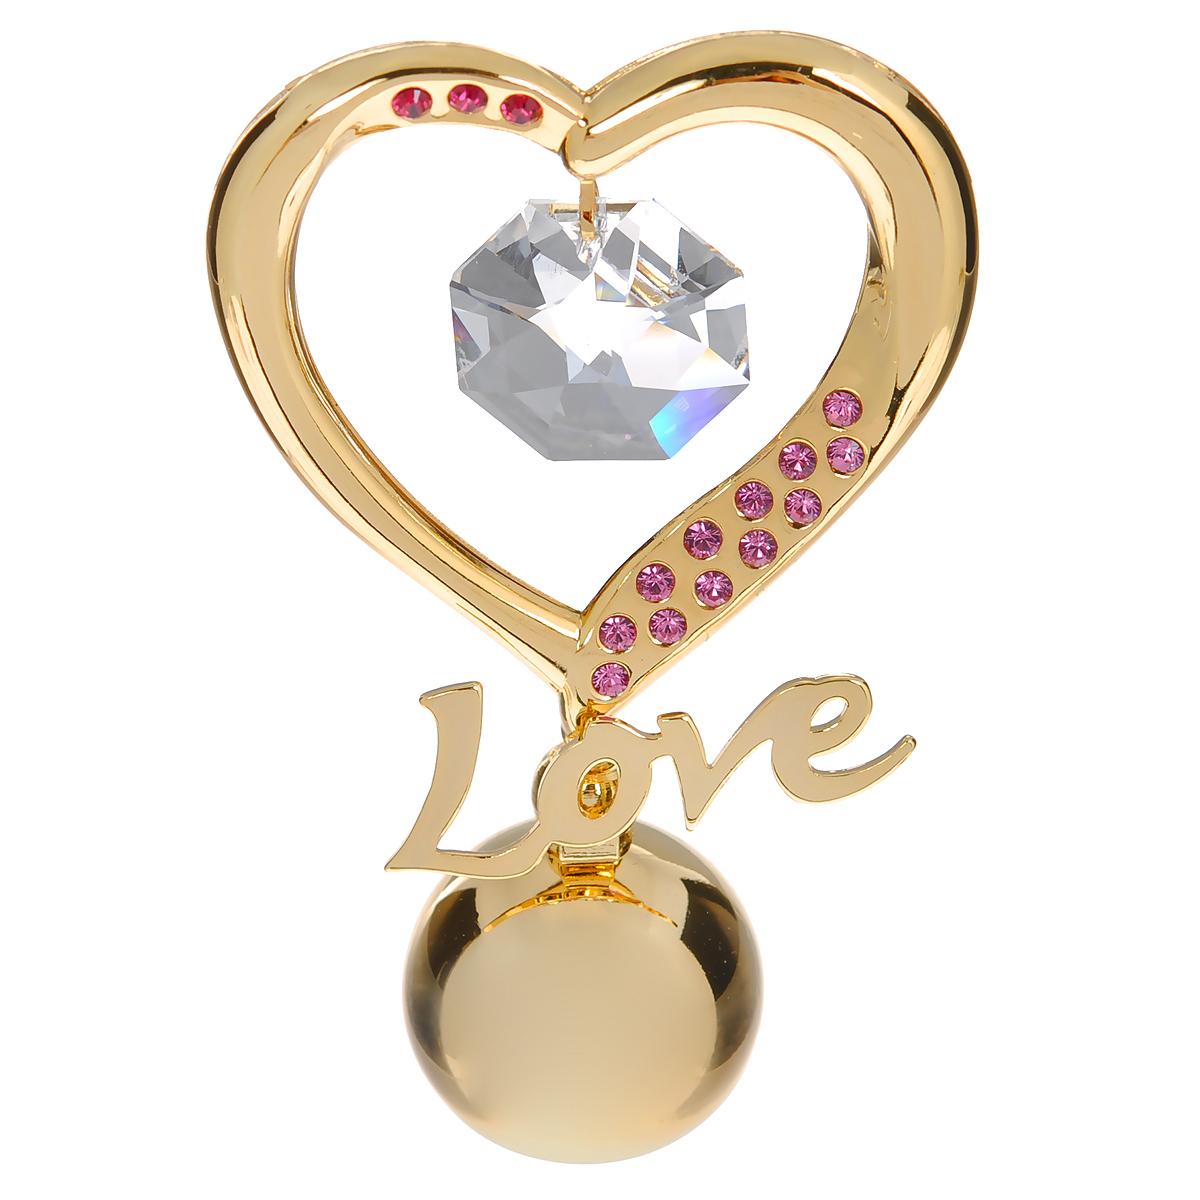 Фигурка декоративная Сердце, цвет: золотистый, розовый. 67191RG-D31SПритягательный блеск и невероятная утонченность декоративной фигурки Сердце великолепно дополнят интерьер и, несомненно, не останутся без внимания. Фигурка выполнена из металла с блестящим золотистым покрытием в виде сердечка на шаровидной подставке, украшена надписью Love и стразами и кристаллом Swarovski. Декоративная фигурка Сердце послужит прекрасным подарком ценителю изысканных и элегантных вещиц. Характеристики:Материал: металл, кристаллы Swarovski. Размер фигурки: 4 см х 0,5 см х 7,5 см. Цвет: золотистый, розовый. Артикул: 67191.